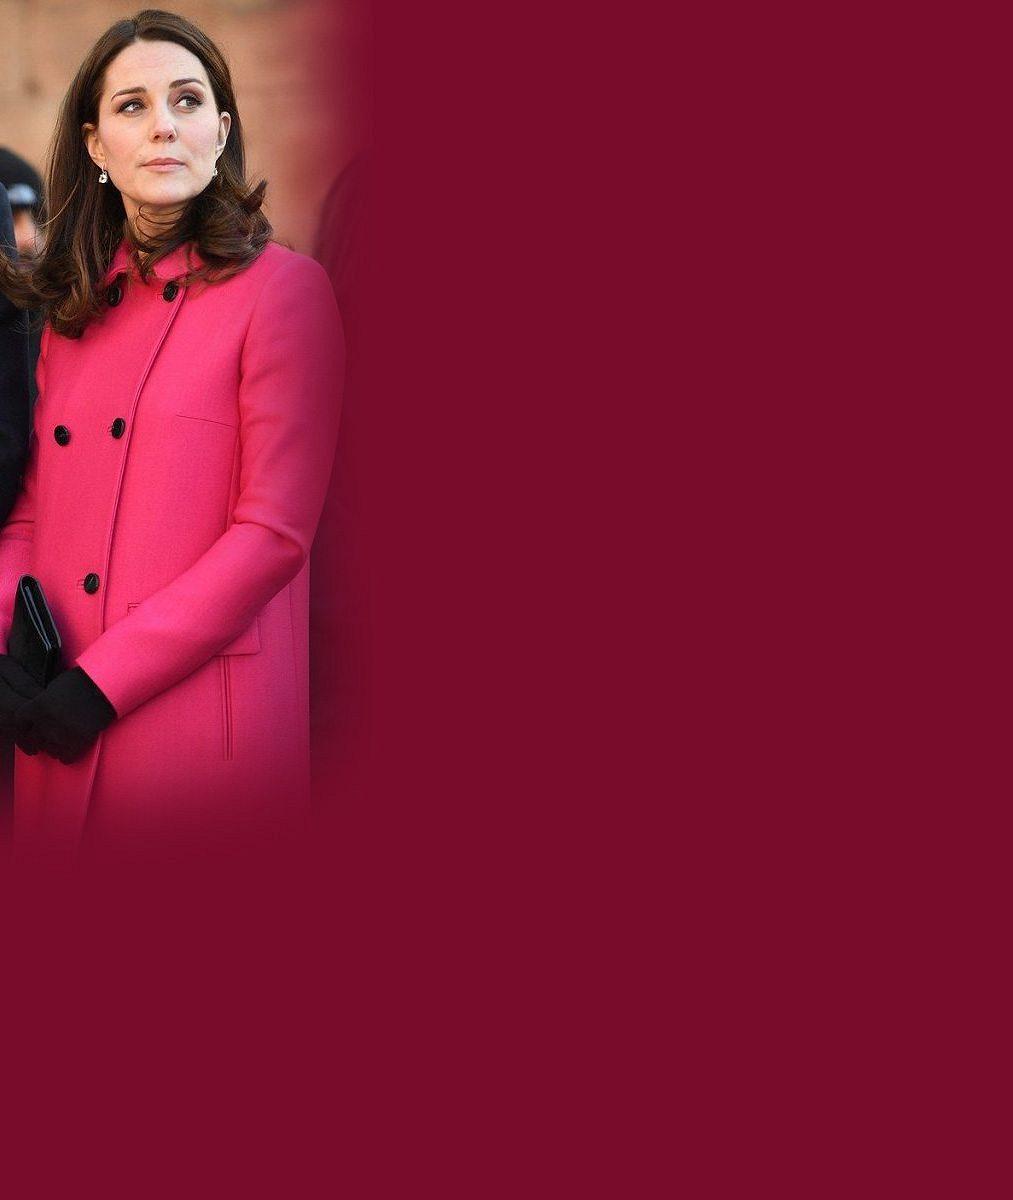 Bude to zase holčička? Vévodkyně Kate vytáhla ze skříně růžový kabát, který nosila v době, kdy čekala dcerku